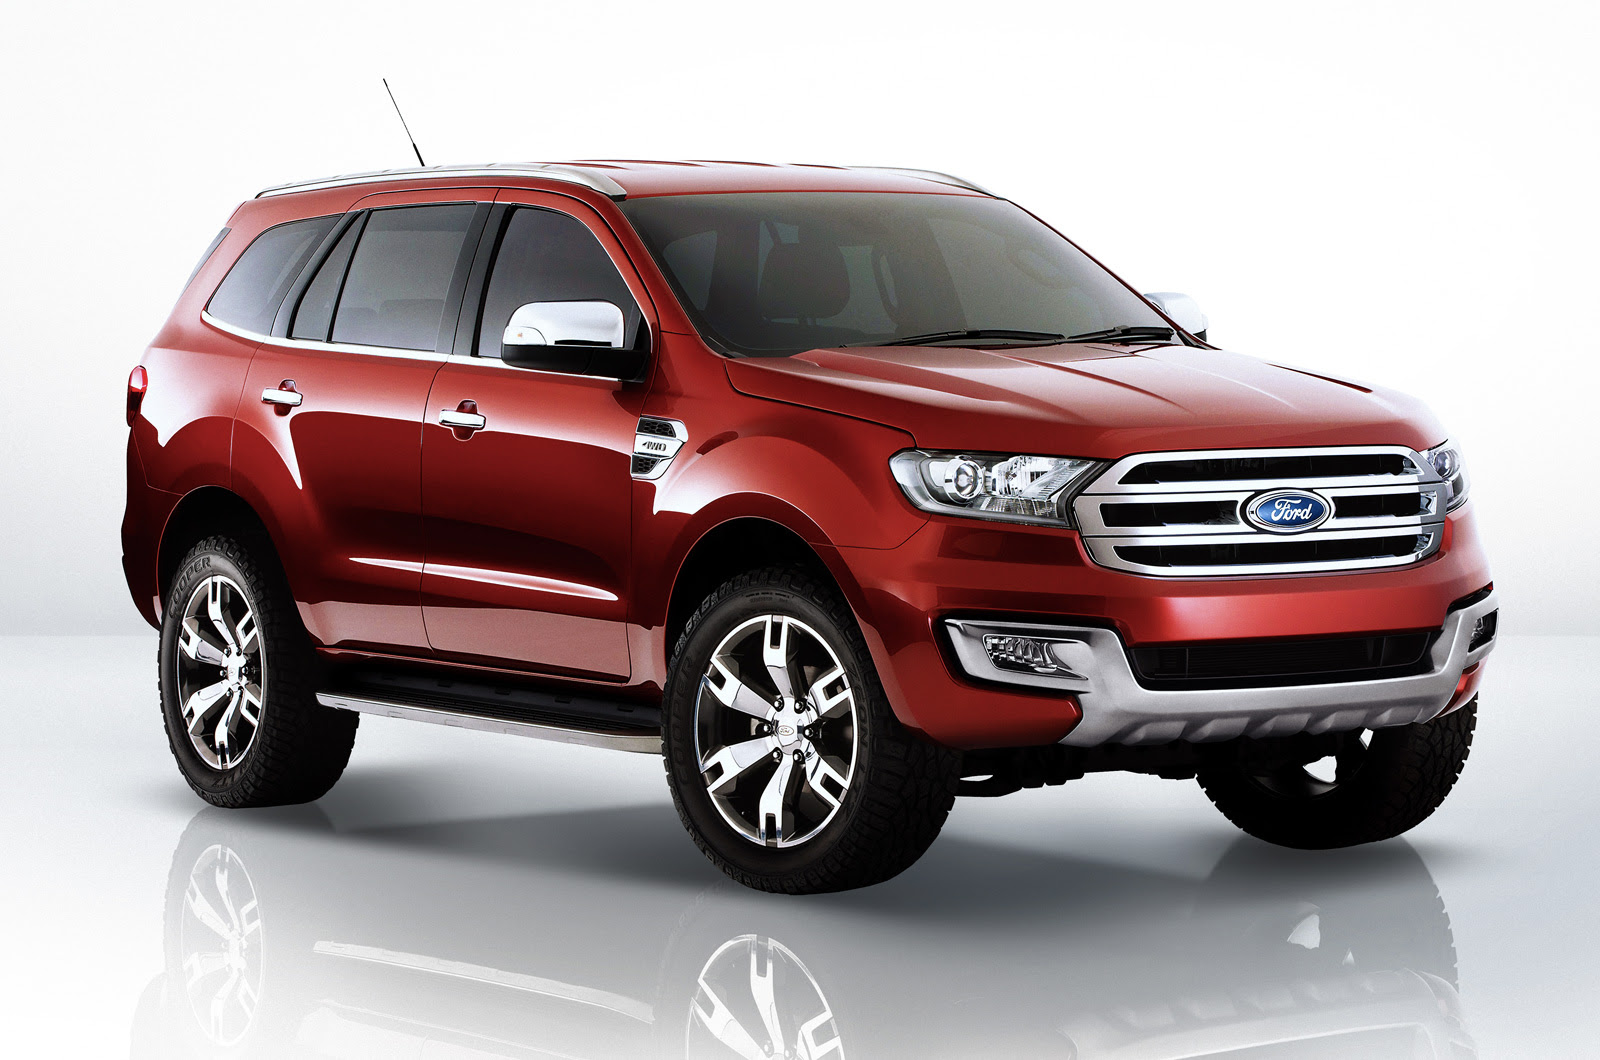 2015 Ford Endeavour India | Car Interior Design